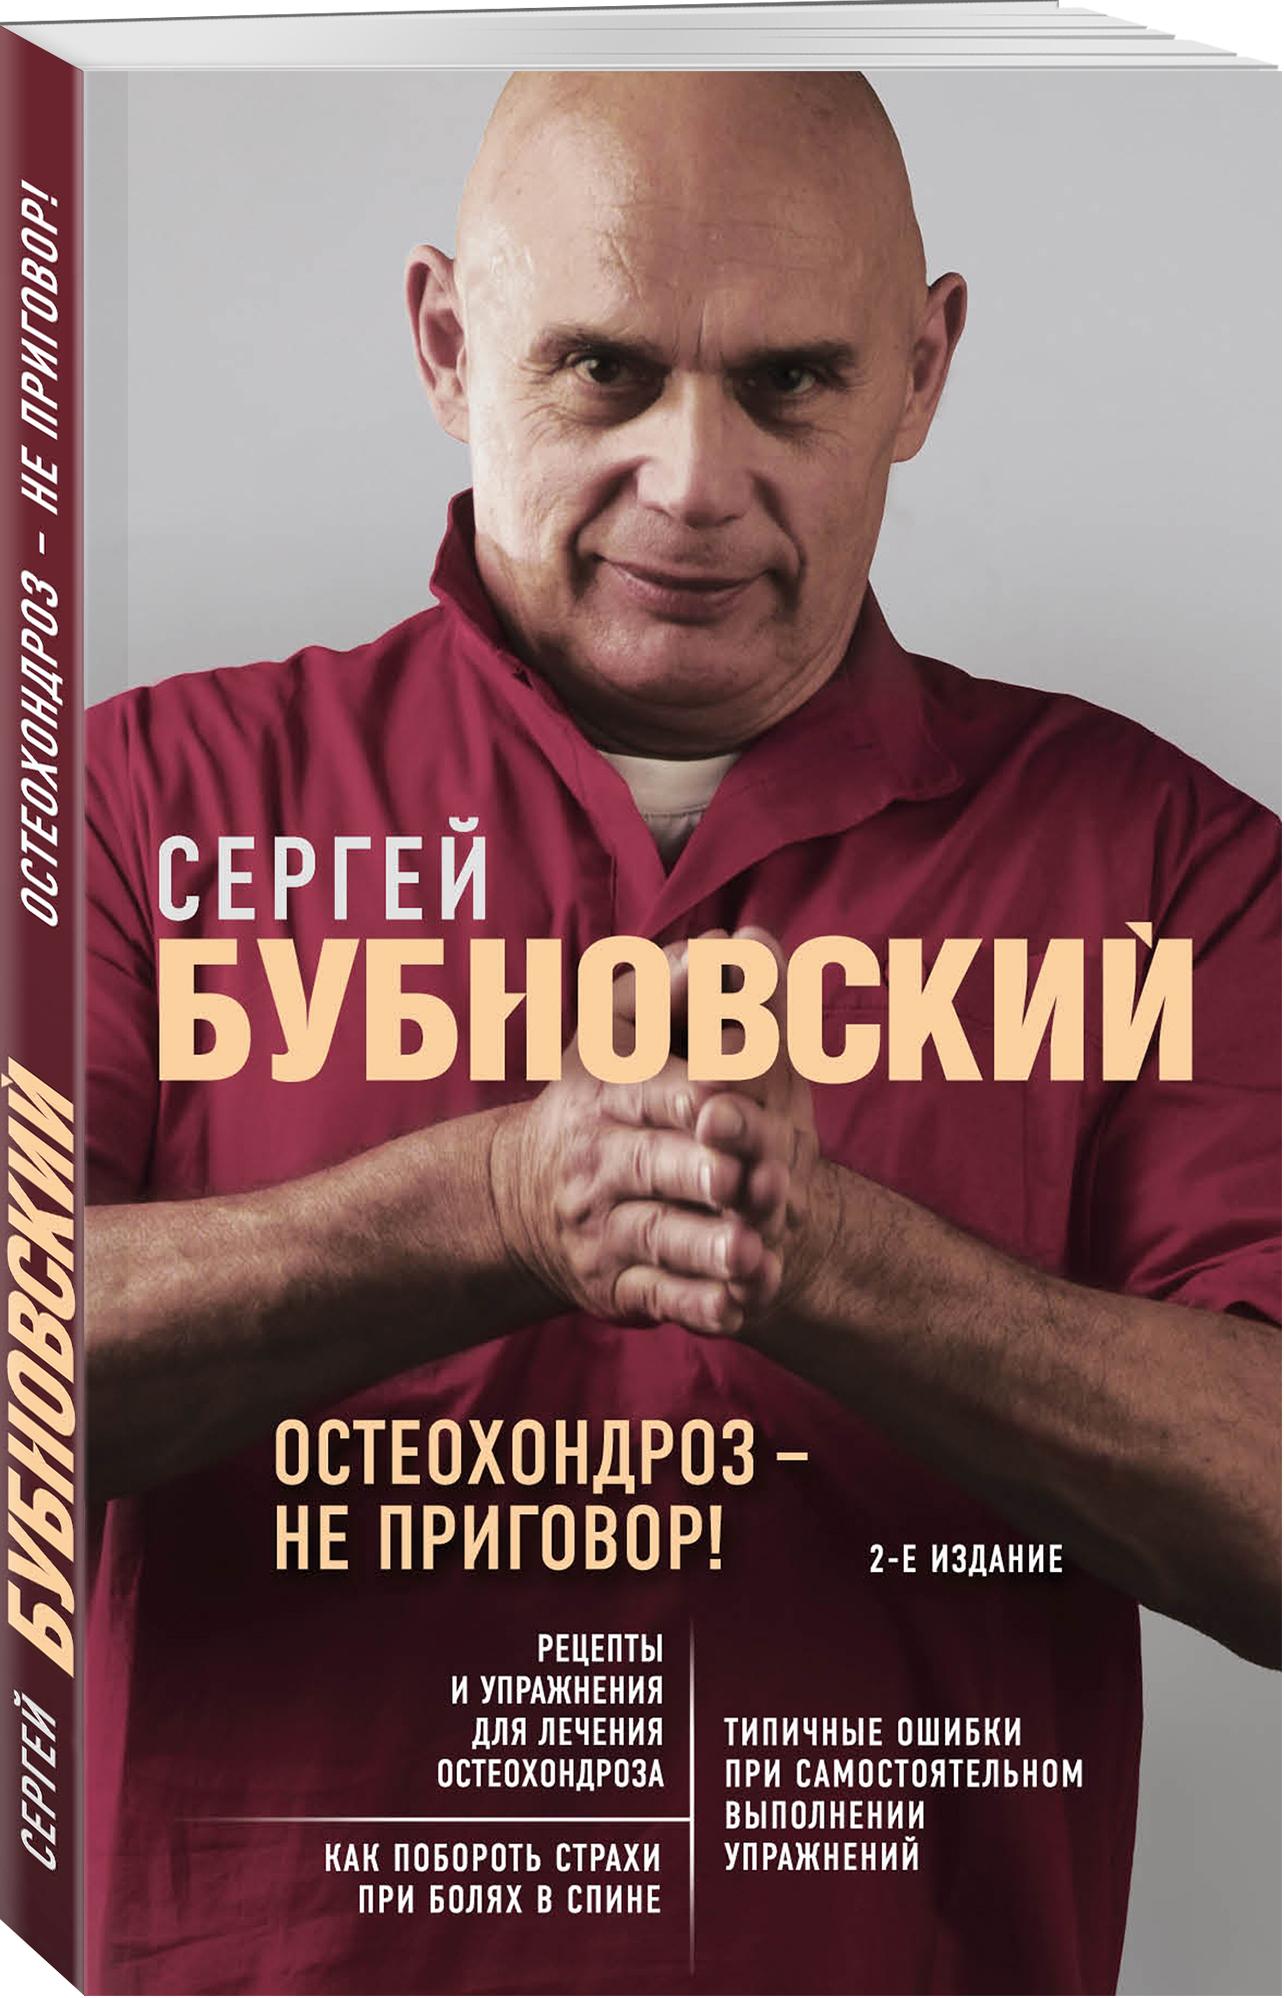 Остеохондроз - не приговор! 2-е издание ( Сергей Бубновский  )